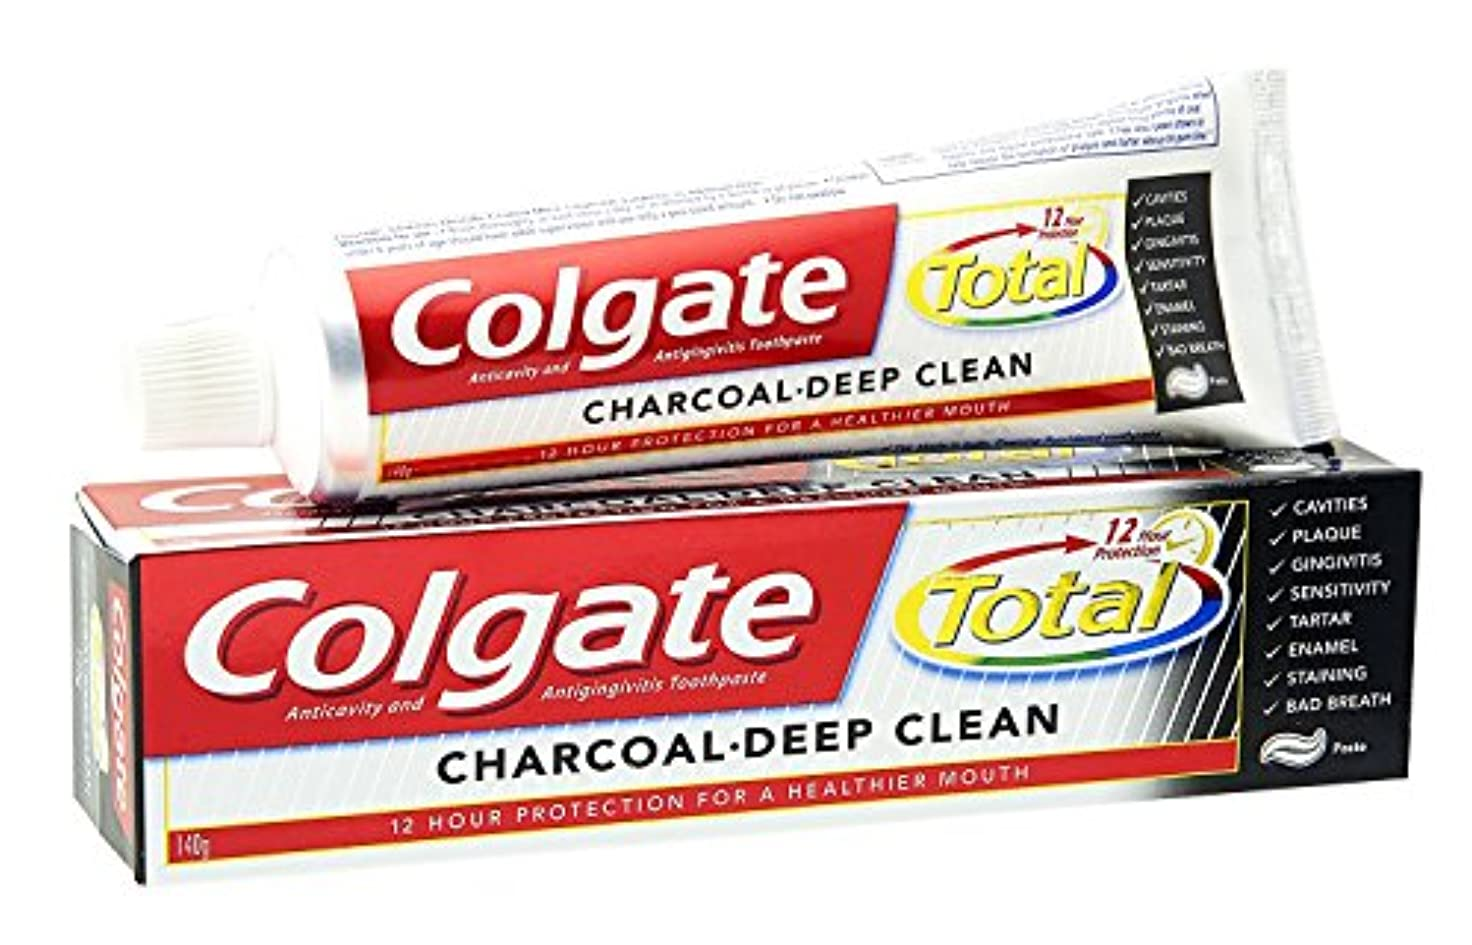 想像力豊かな発掘するコメント2 X Colgate Total Charcoal Toothpaste - 120 g x 2 - Expiry 24months From Mfd. date